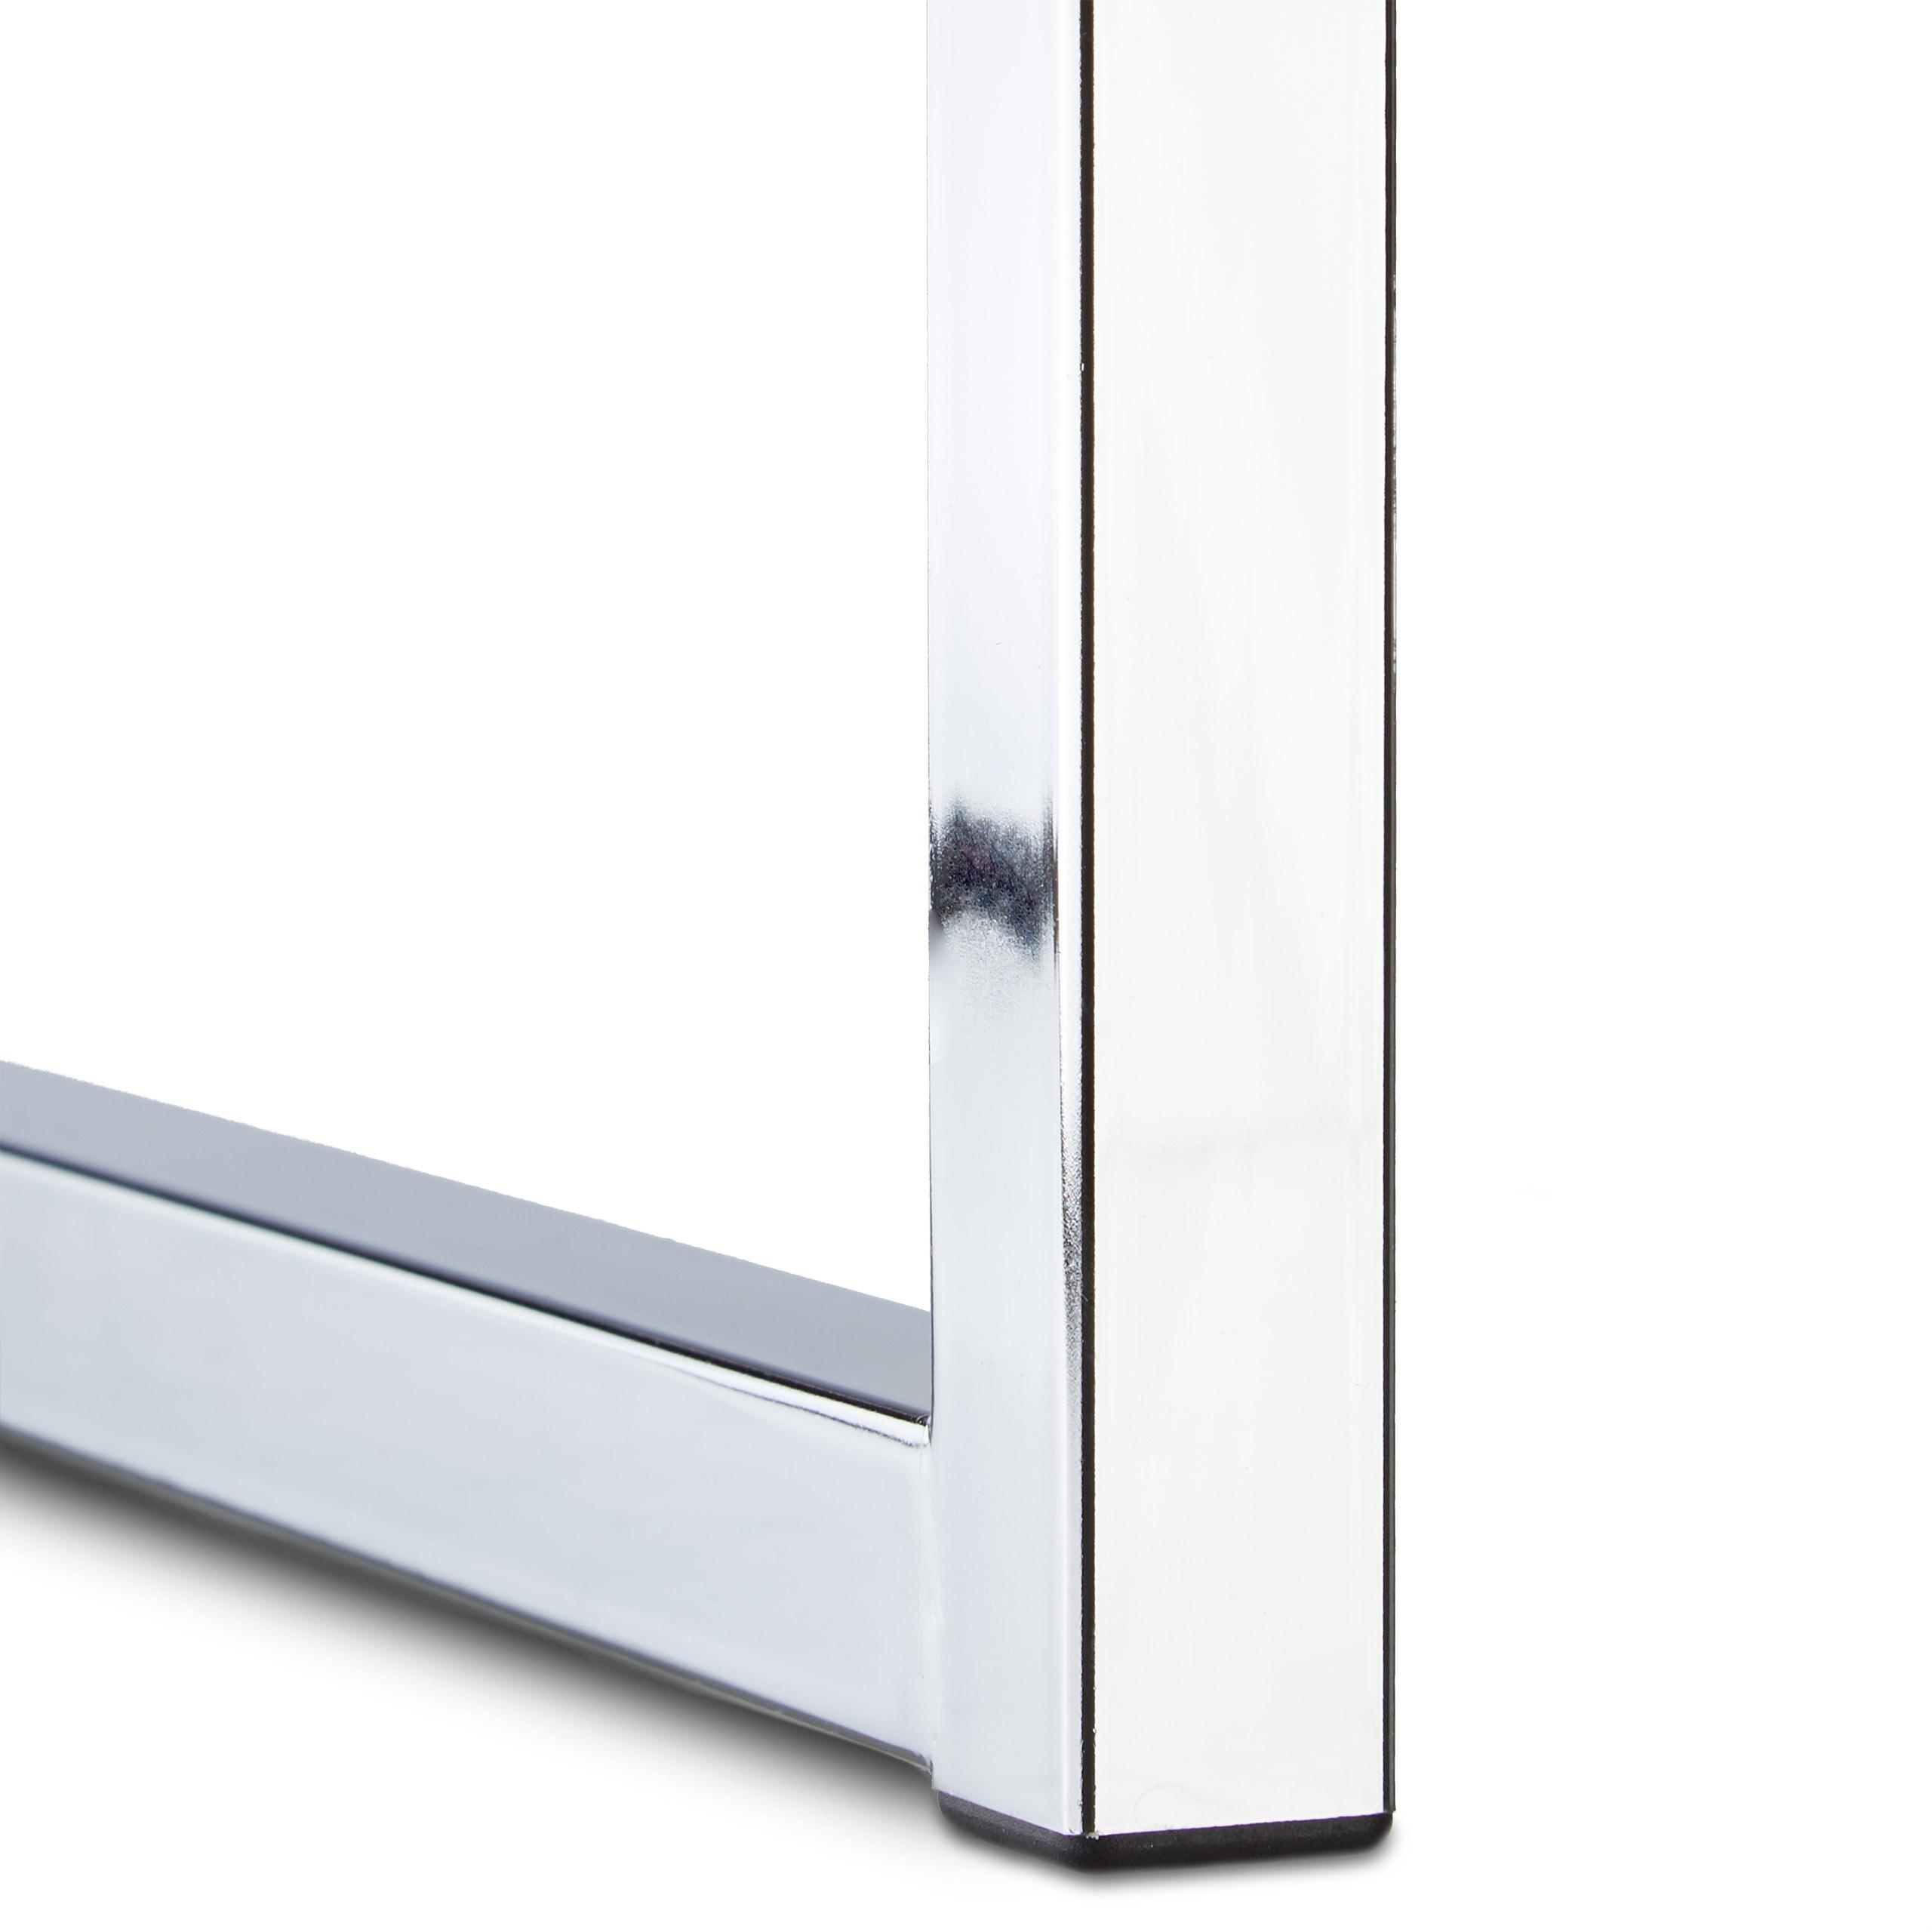 Couchtisch-Lift-Sofatisch-Hebefunktion-Wohnzimmertisch-Designtisch-Stauraum Indexbild 11